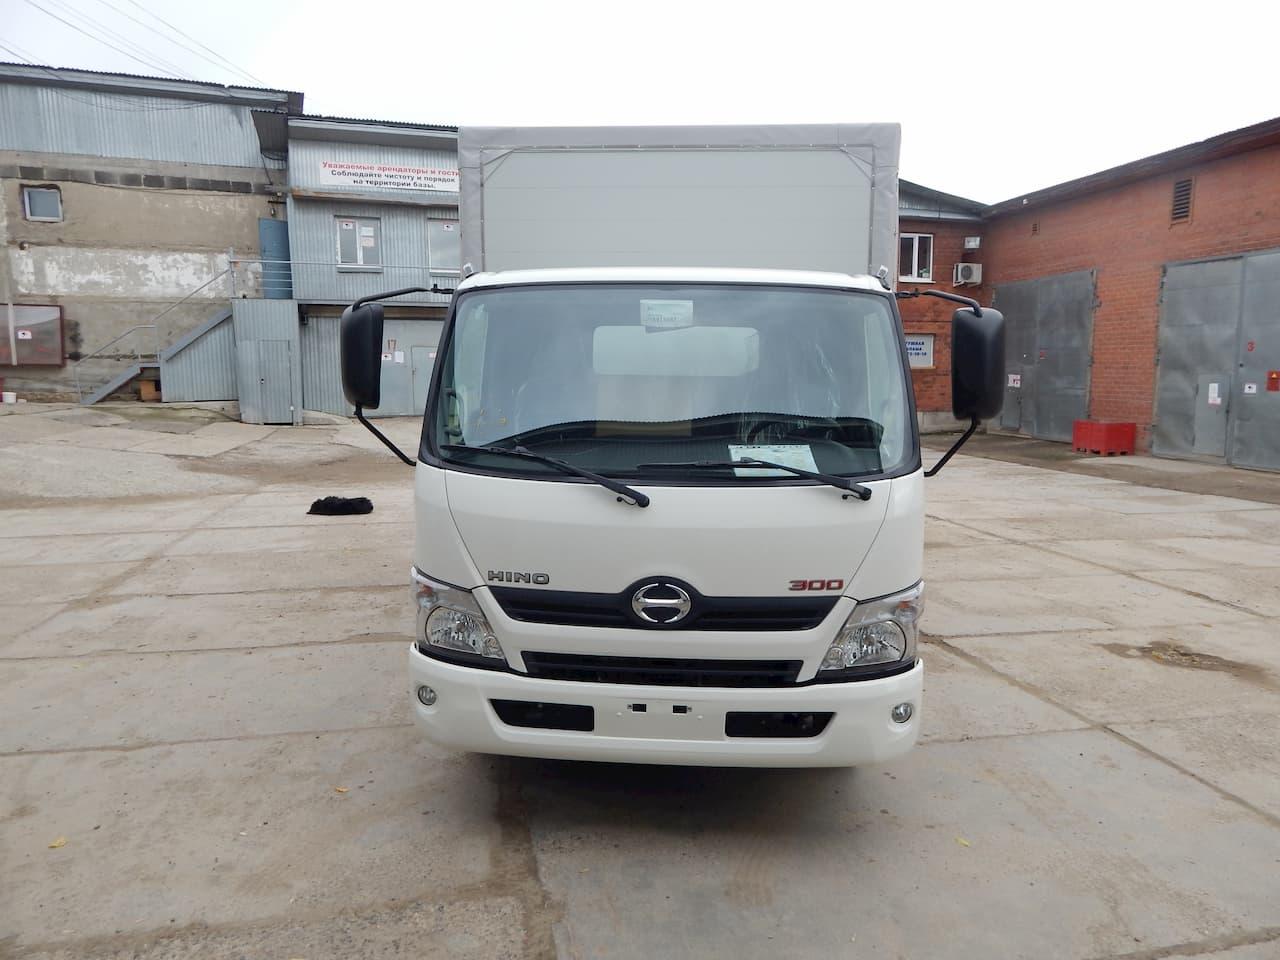 Thiết kế ngoại thất mặt trước xe tải Hino 3.5 tấn